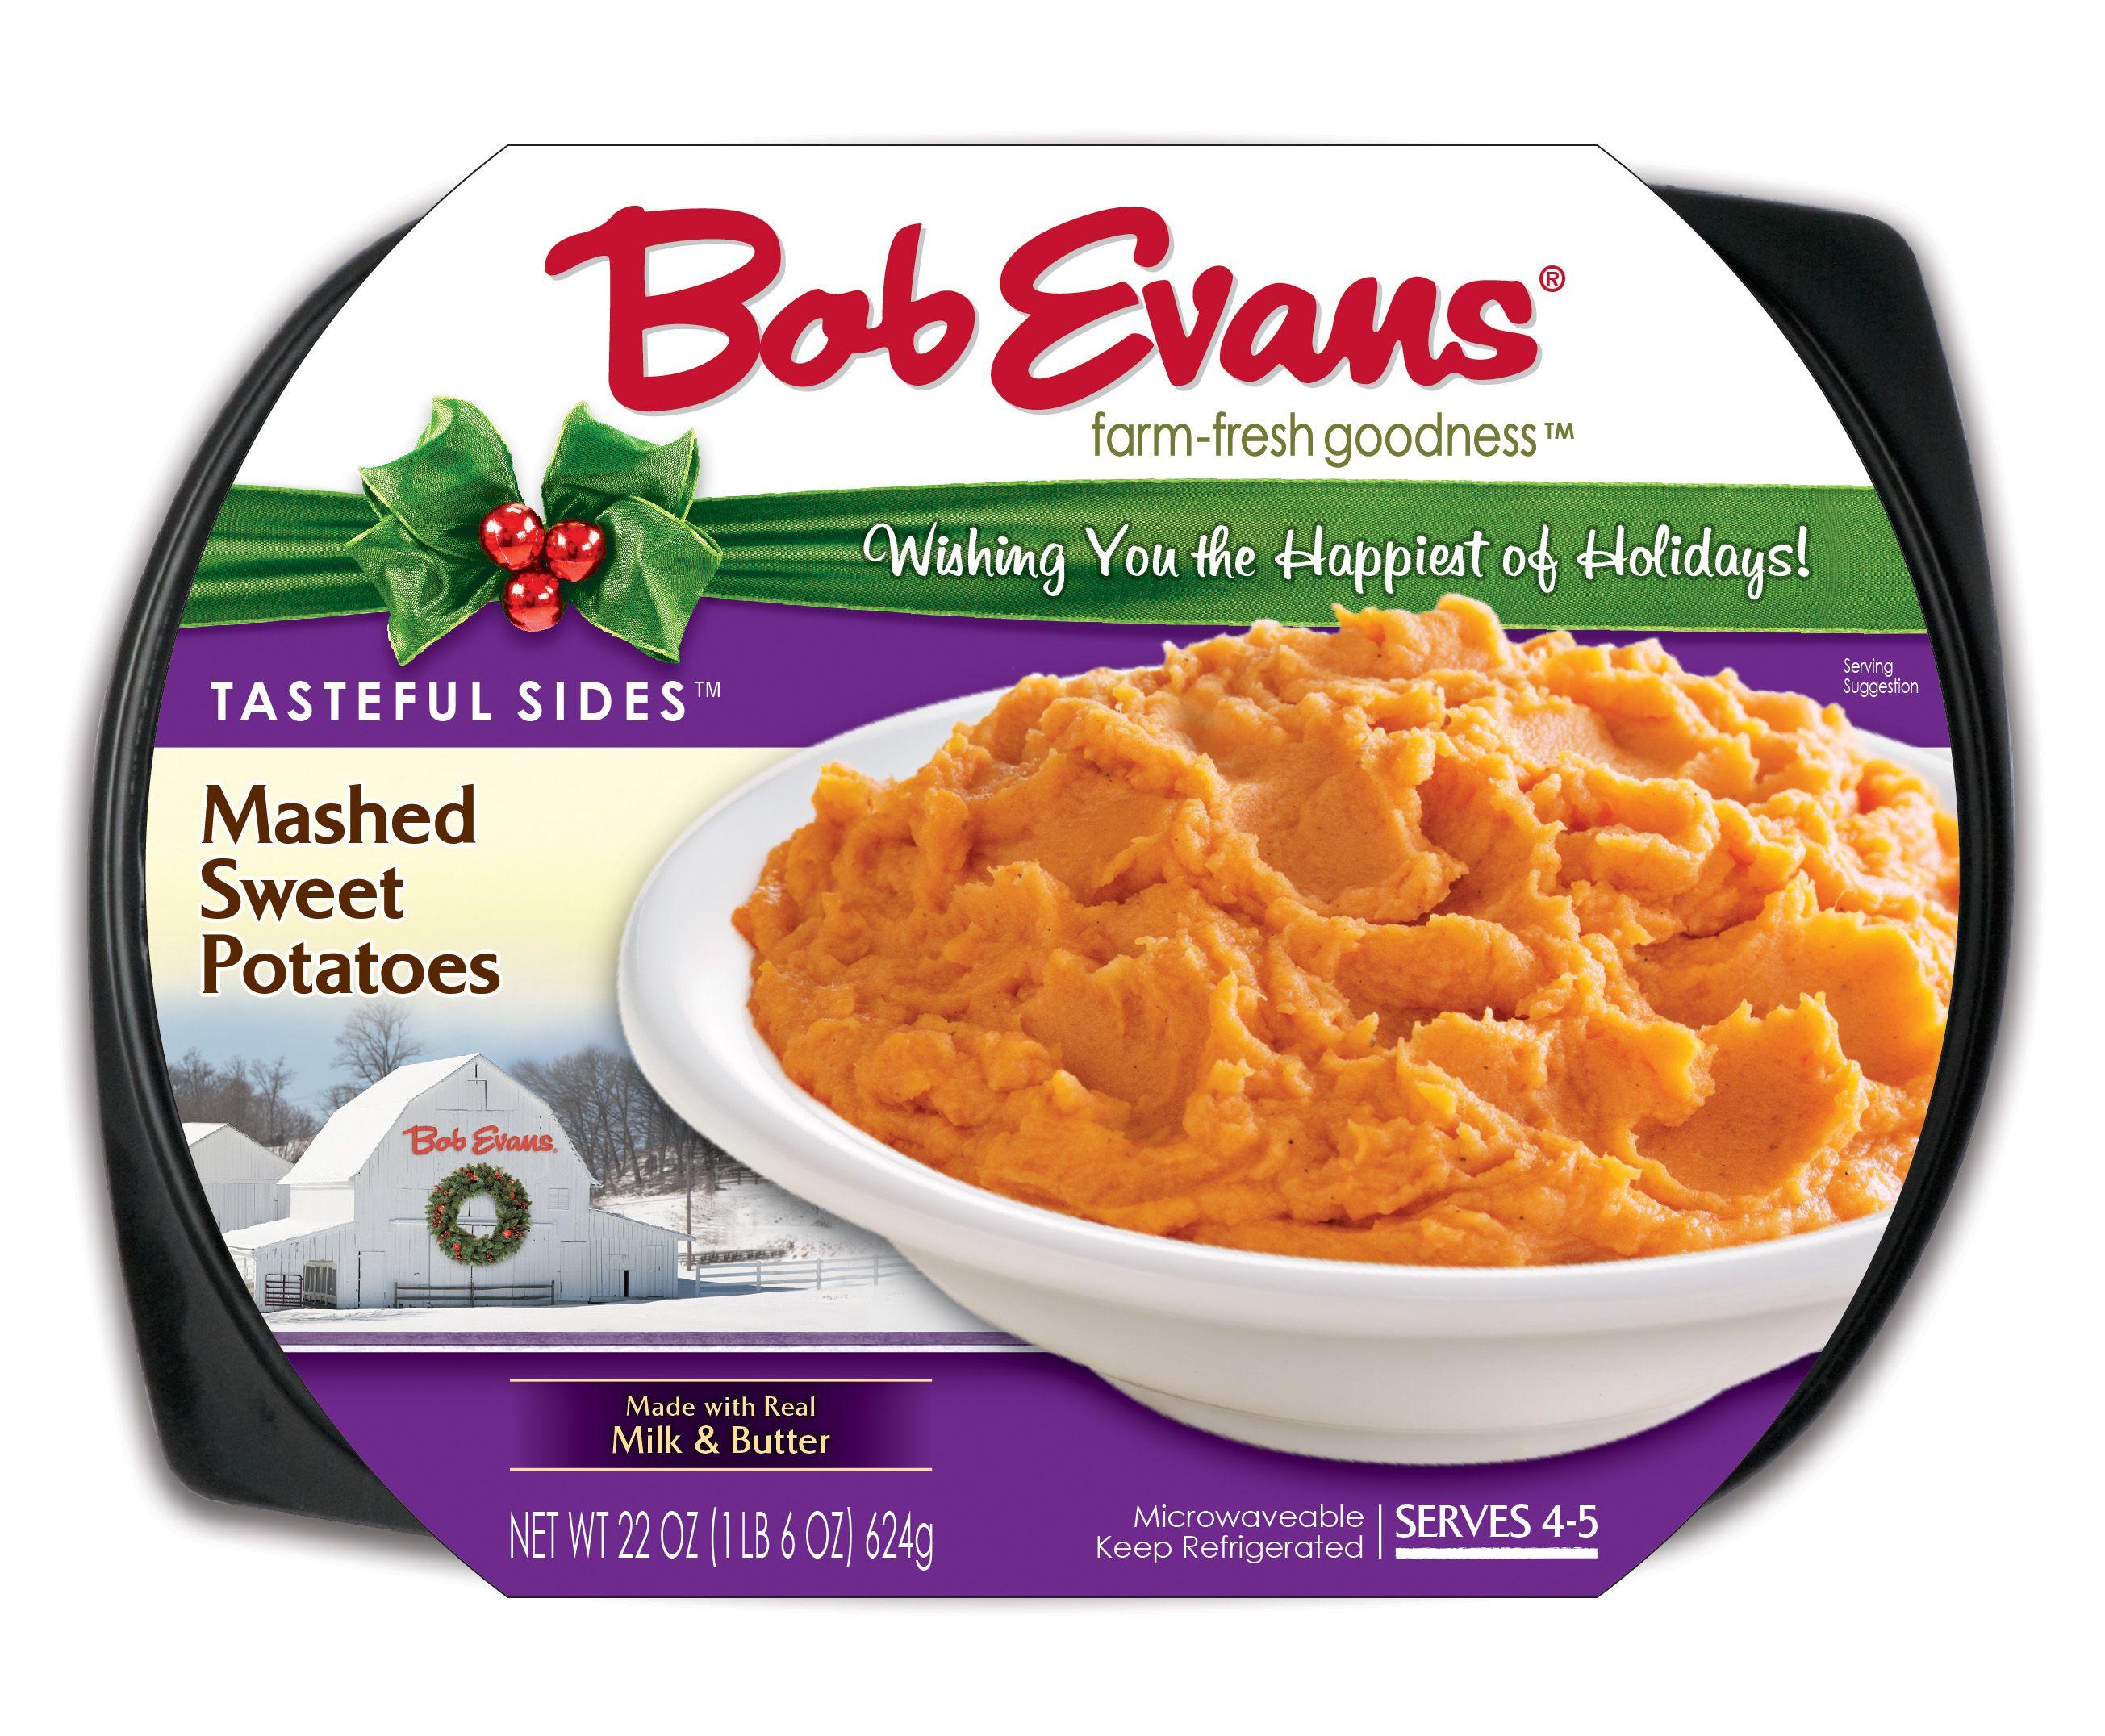 Bob Evans Mashed Sweet Potatoes Holiday Inspiration Pinterest